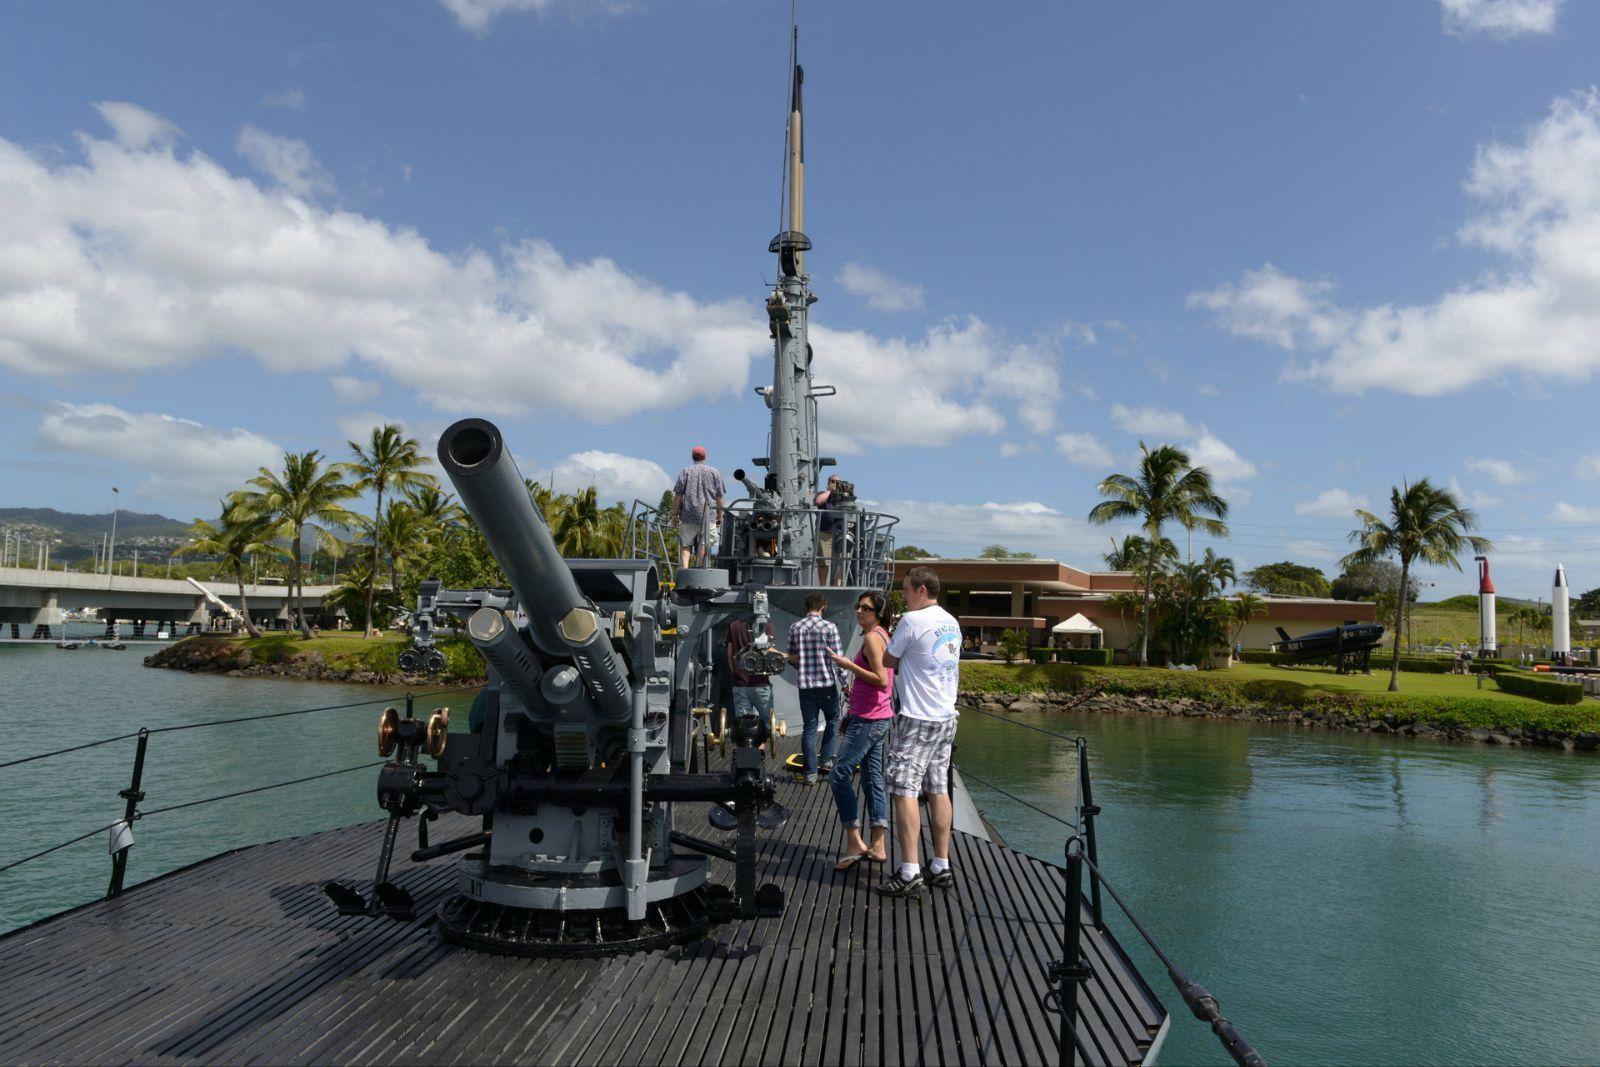 夏威夷群岛——波利尼西亚的荣耀